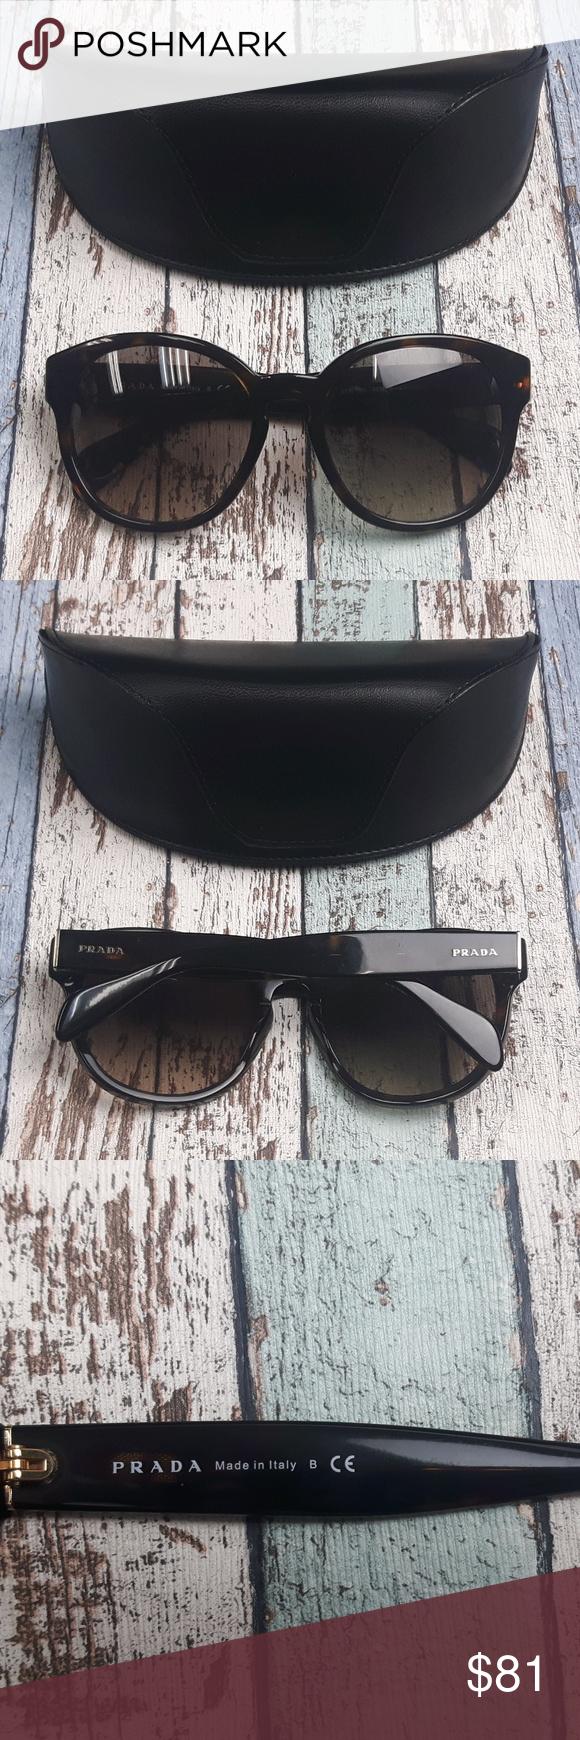 d146e9f2e19bc PRADA SPR18R 2AU-3D0 Women Sunglasses Italy DIL413 Made in  Italy Lens